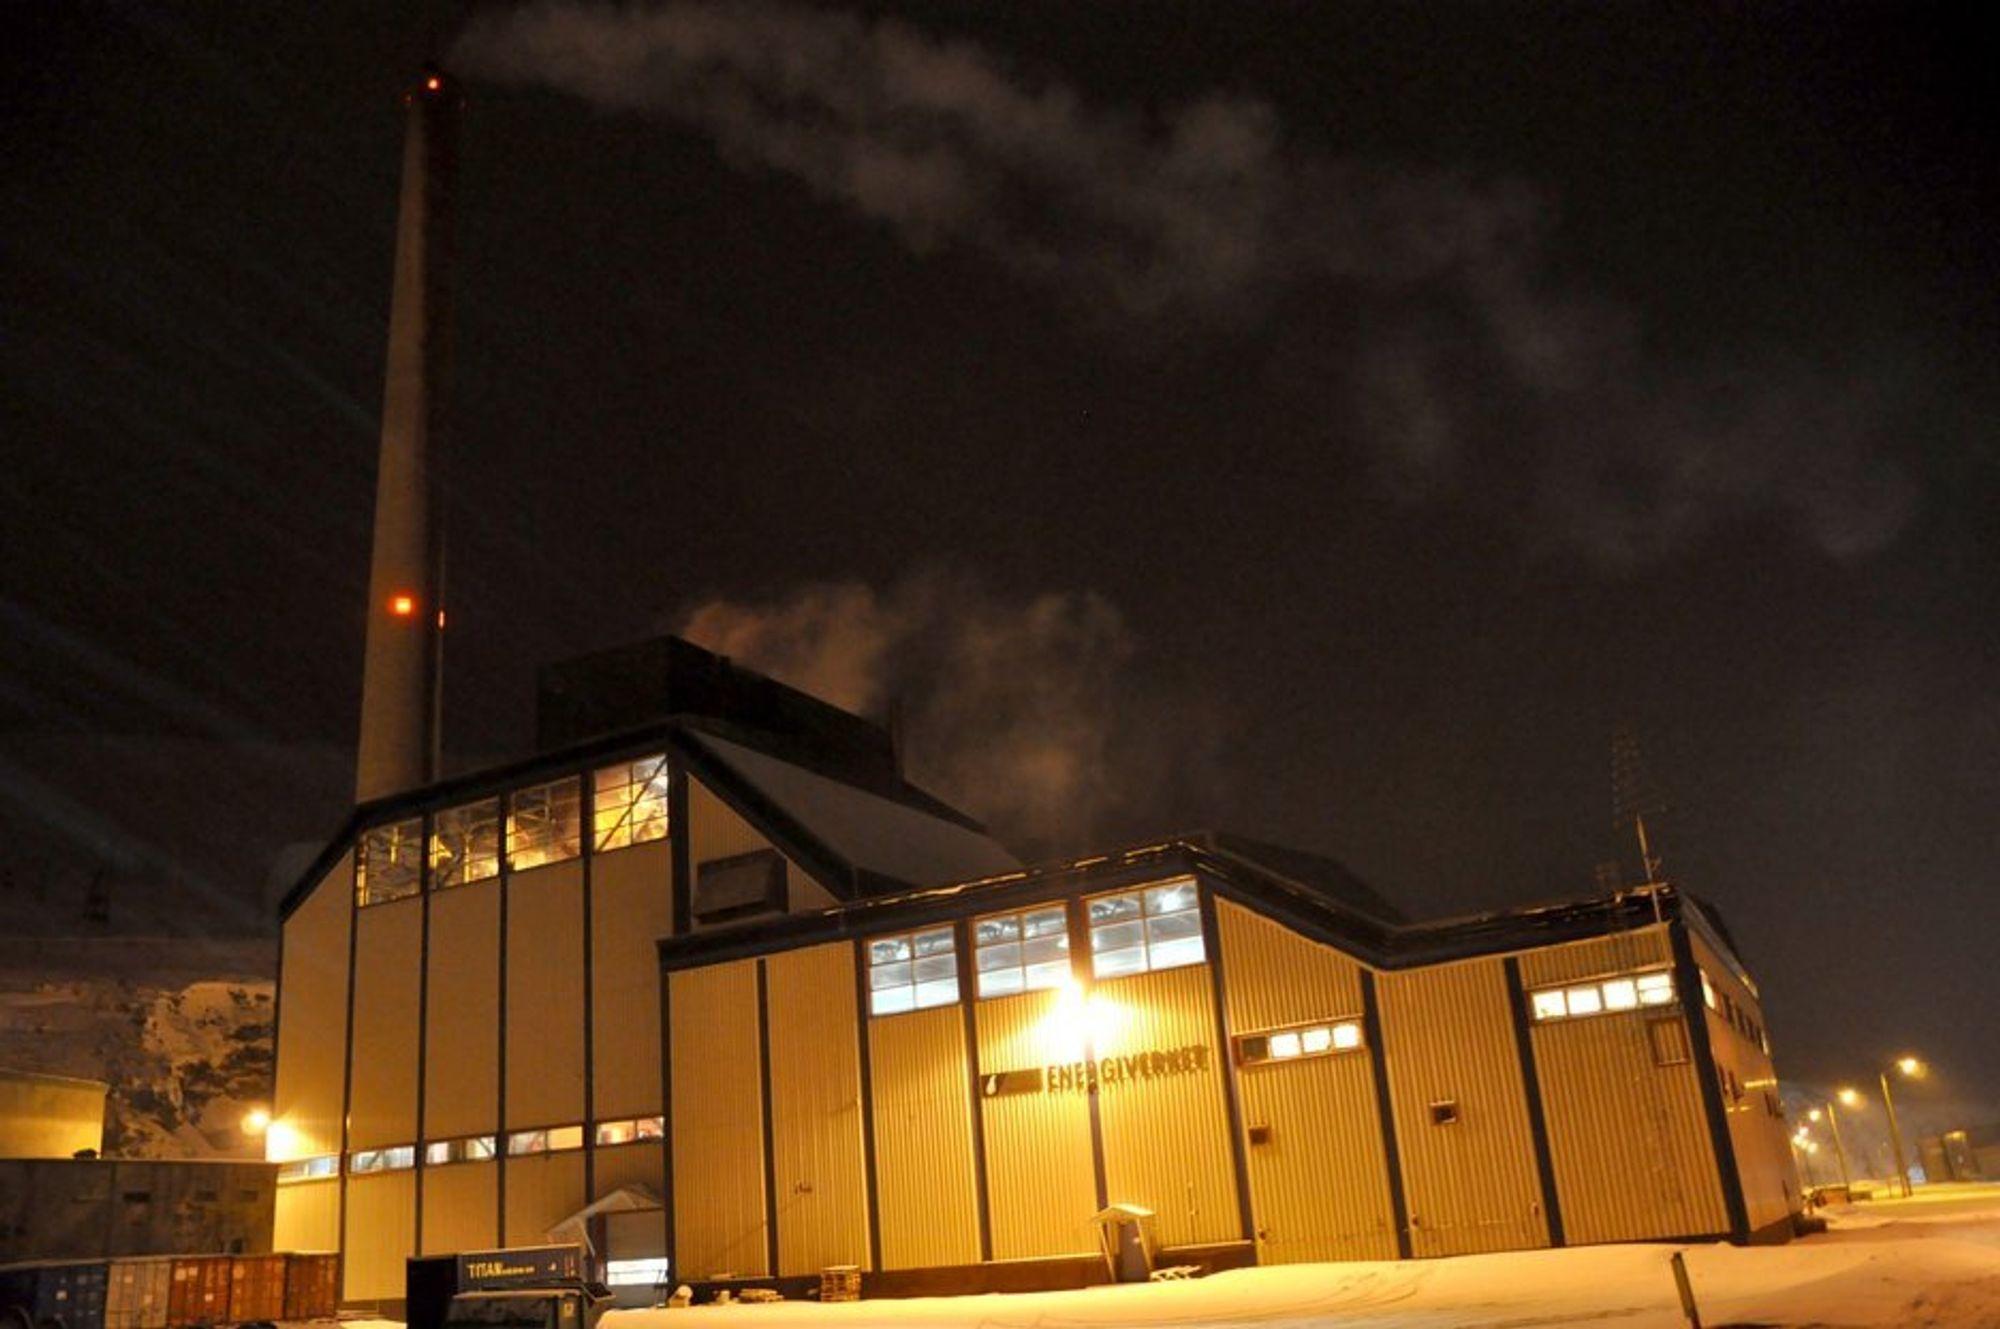 OMSTRIDT: Justisdepartementet har ikke bestemt seg for om de vil støtte Unis-visjonen om CO2 fangst og lagring på kullkraftverket i Longyearbyen.